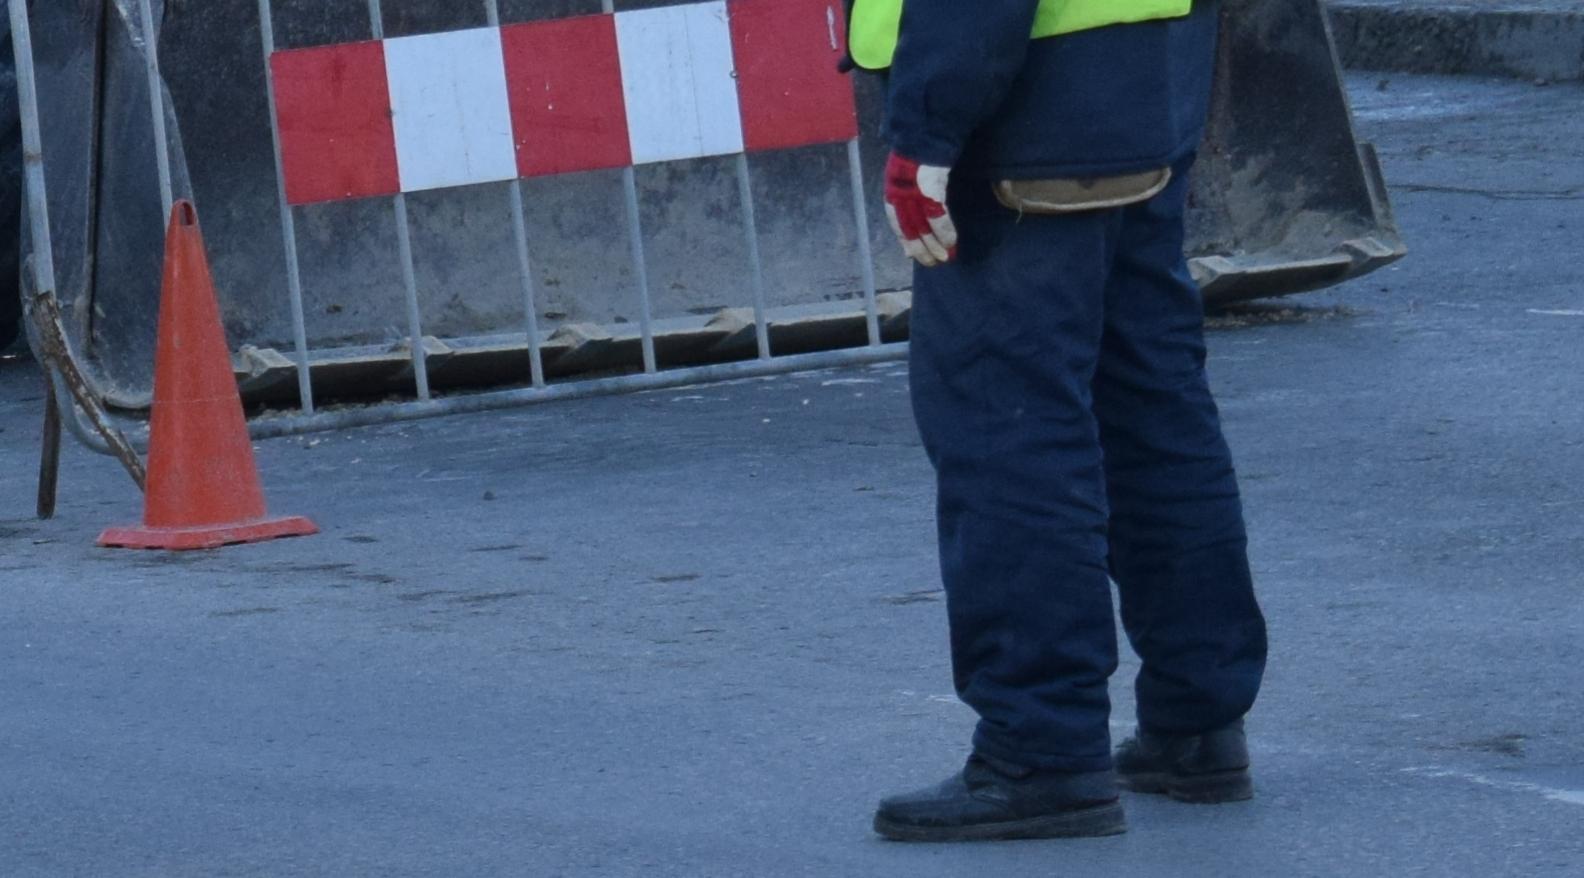 През уикенда затварят улици във Варна заради ремонт